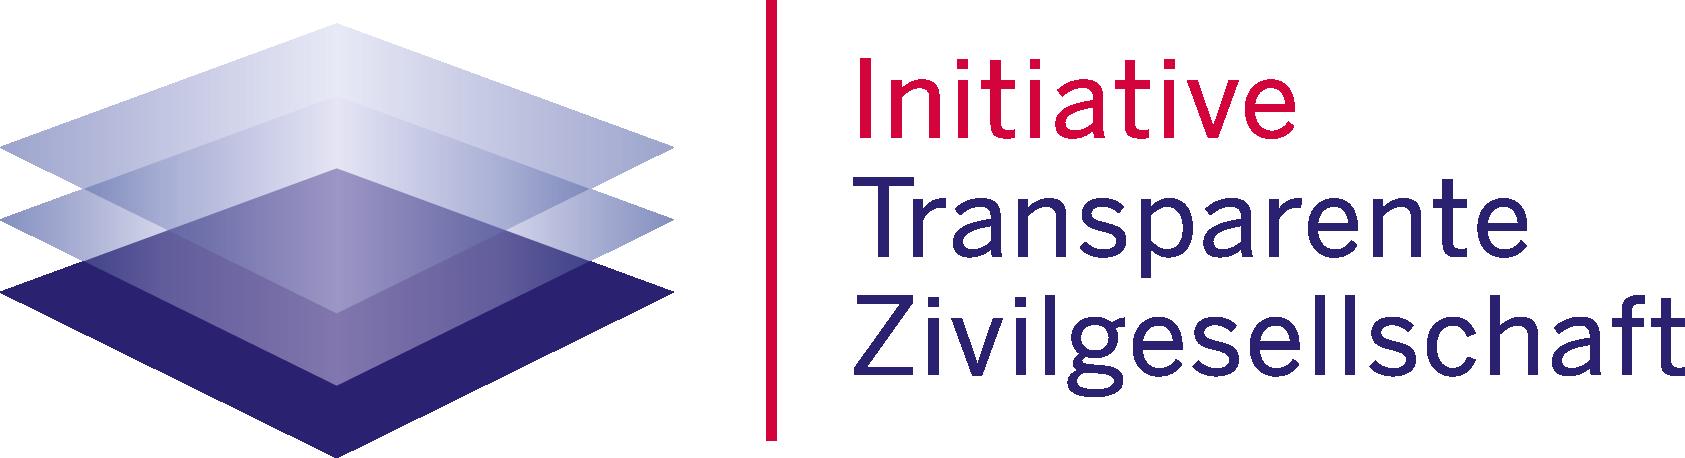 Logo Transparente Zivilgesellschaft - Transparenz